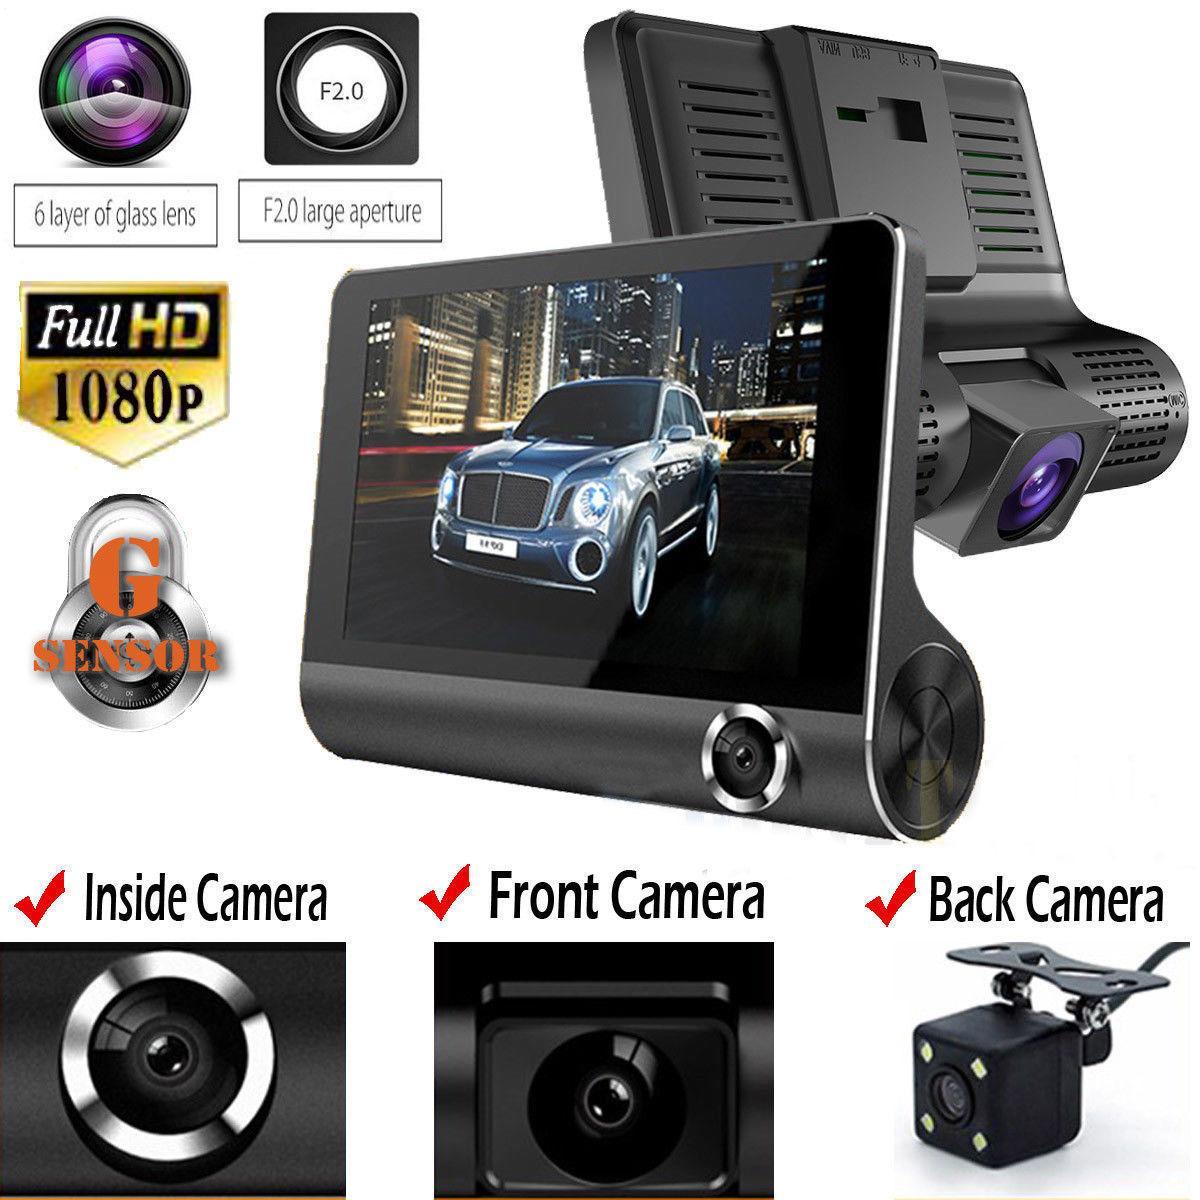 2020 الأصلي 4  سيارة dvr كاميرا فيديو مسجل الرؤية الخلفية السيارات المسجل إيث اثنين من كاميرات داش كام dvrs عدسة مزدوجة وصول جديد